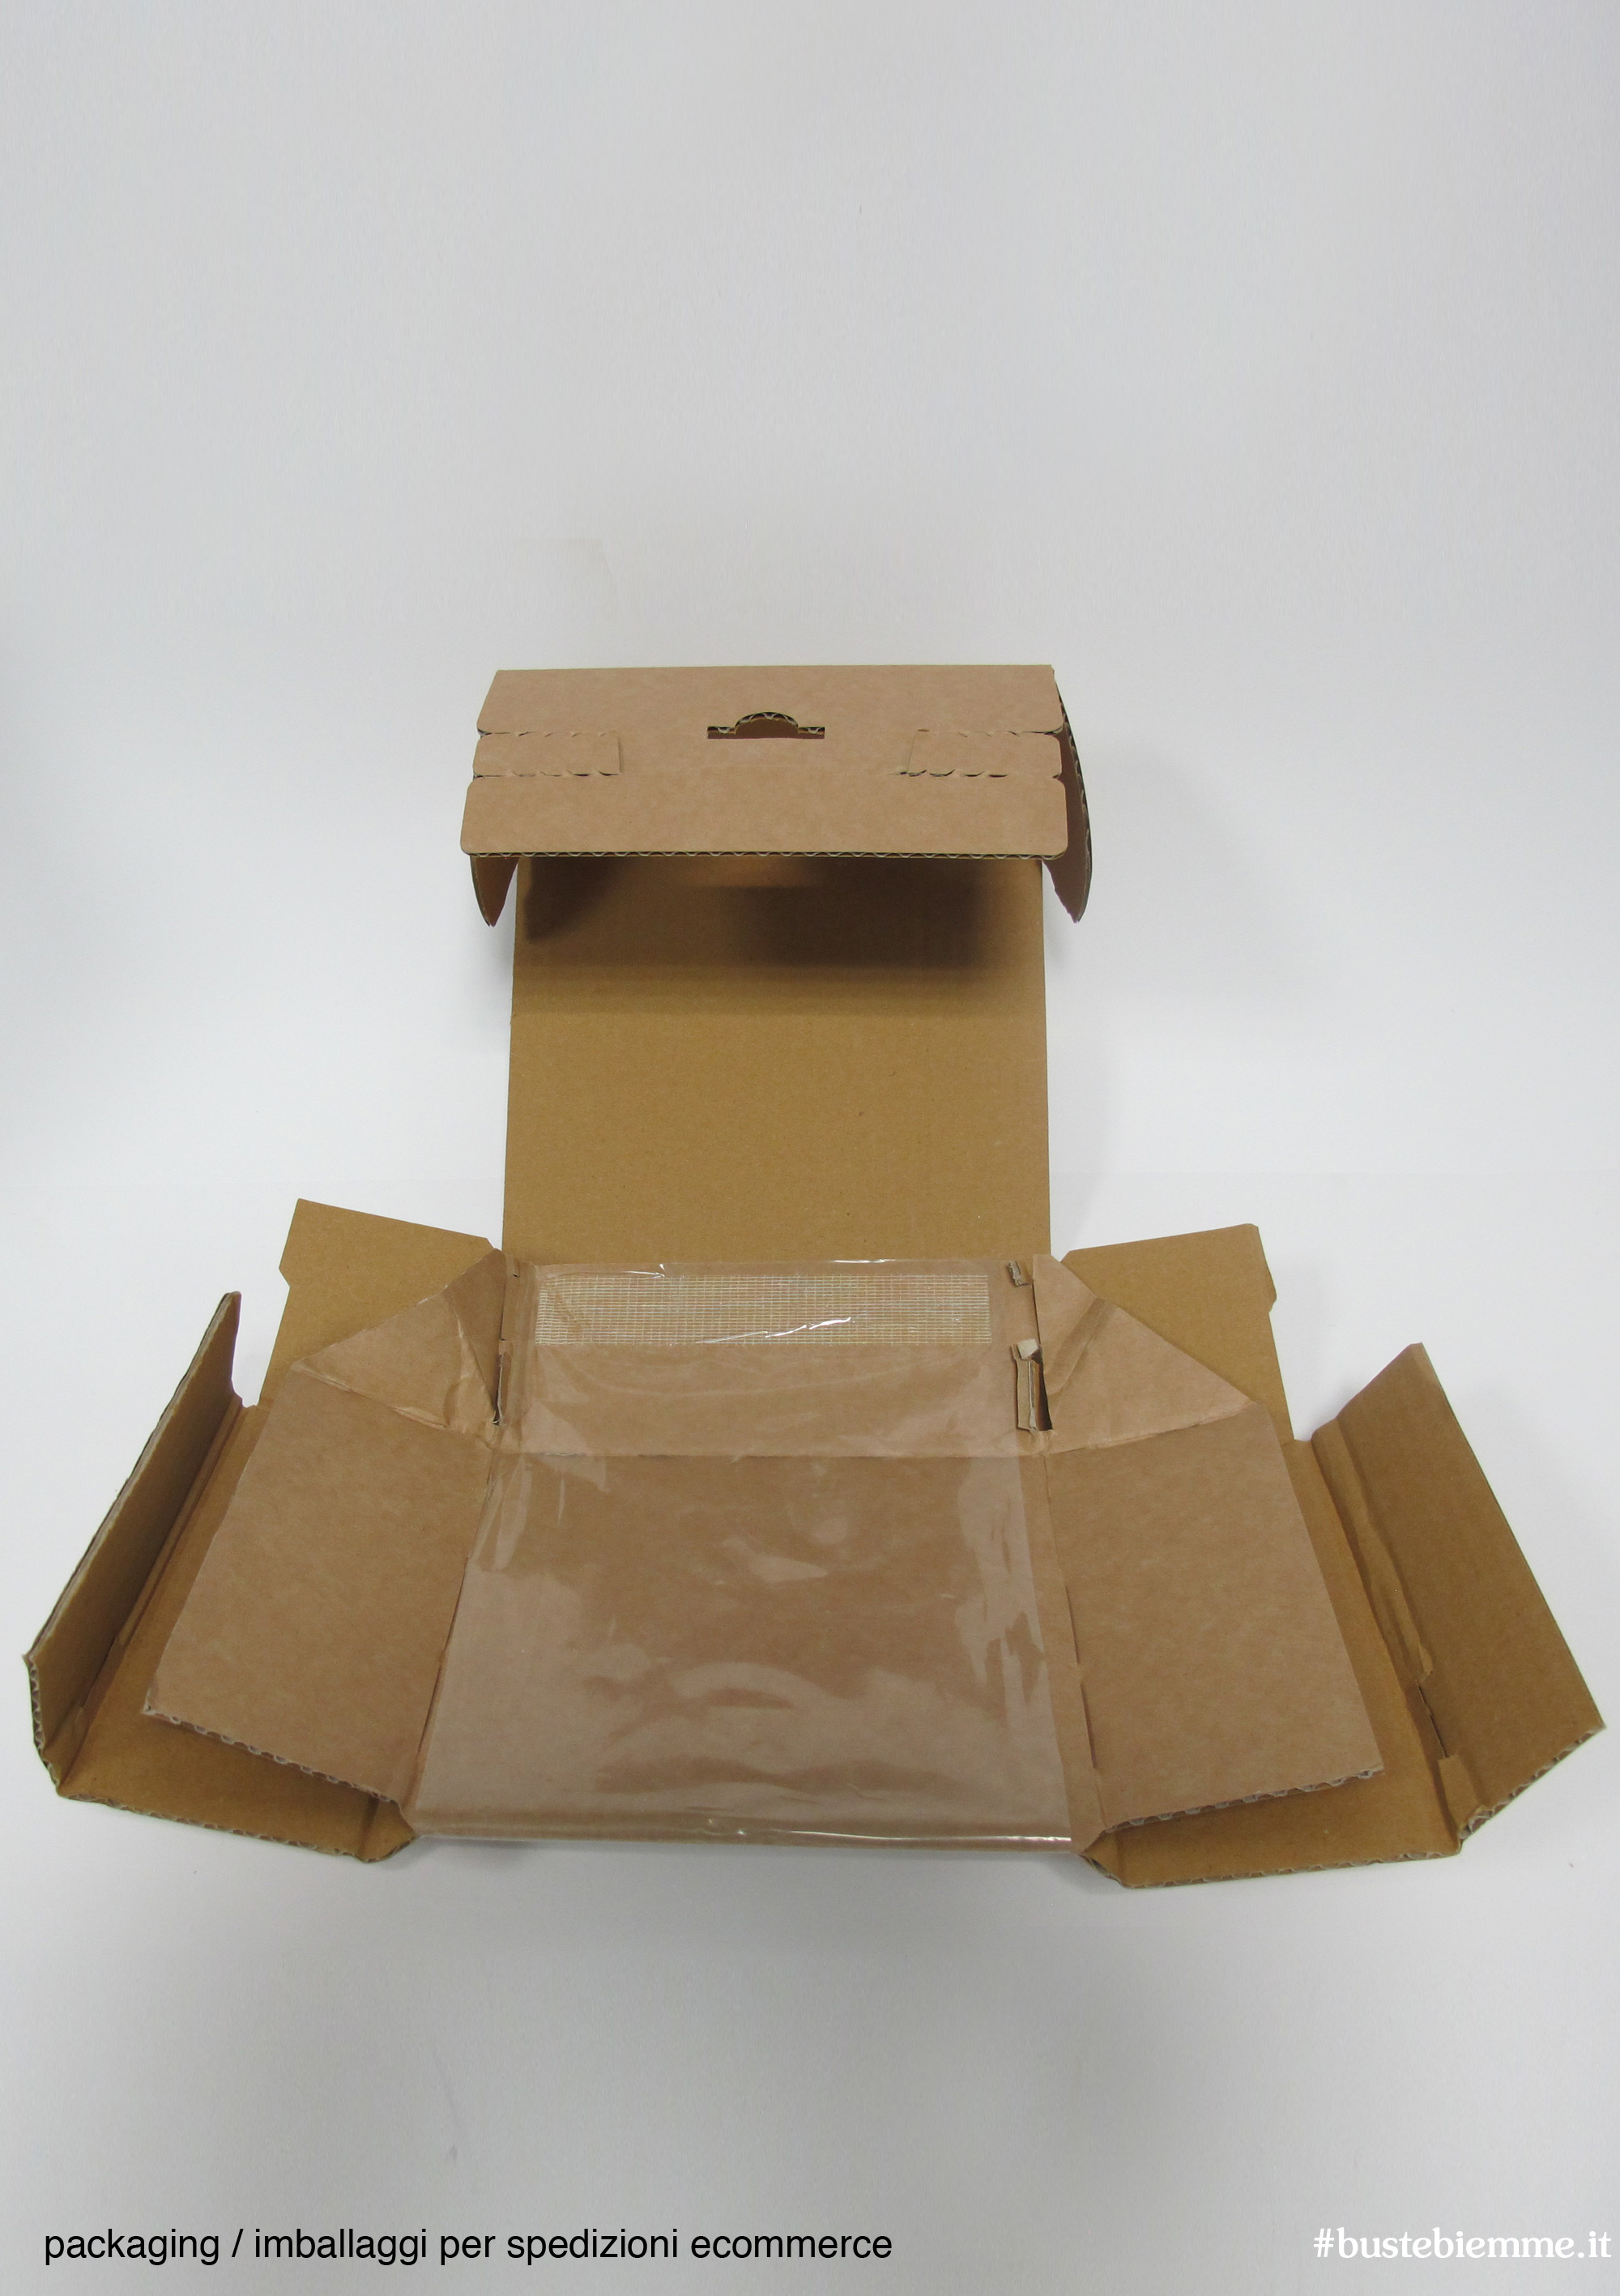 imballaggi specifici per spedizioni e-commerce con tasca interna